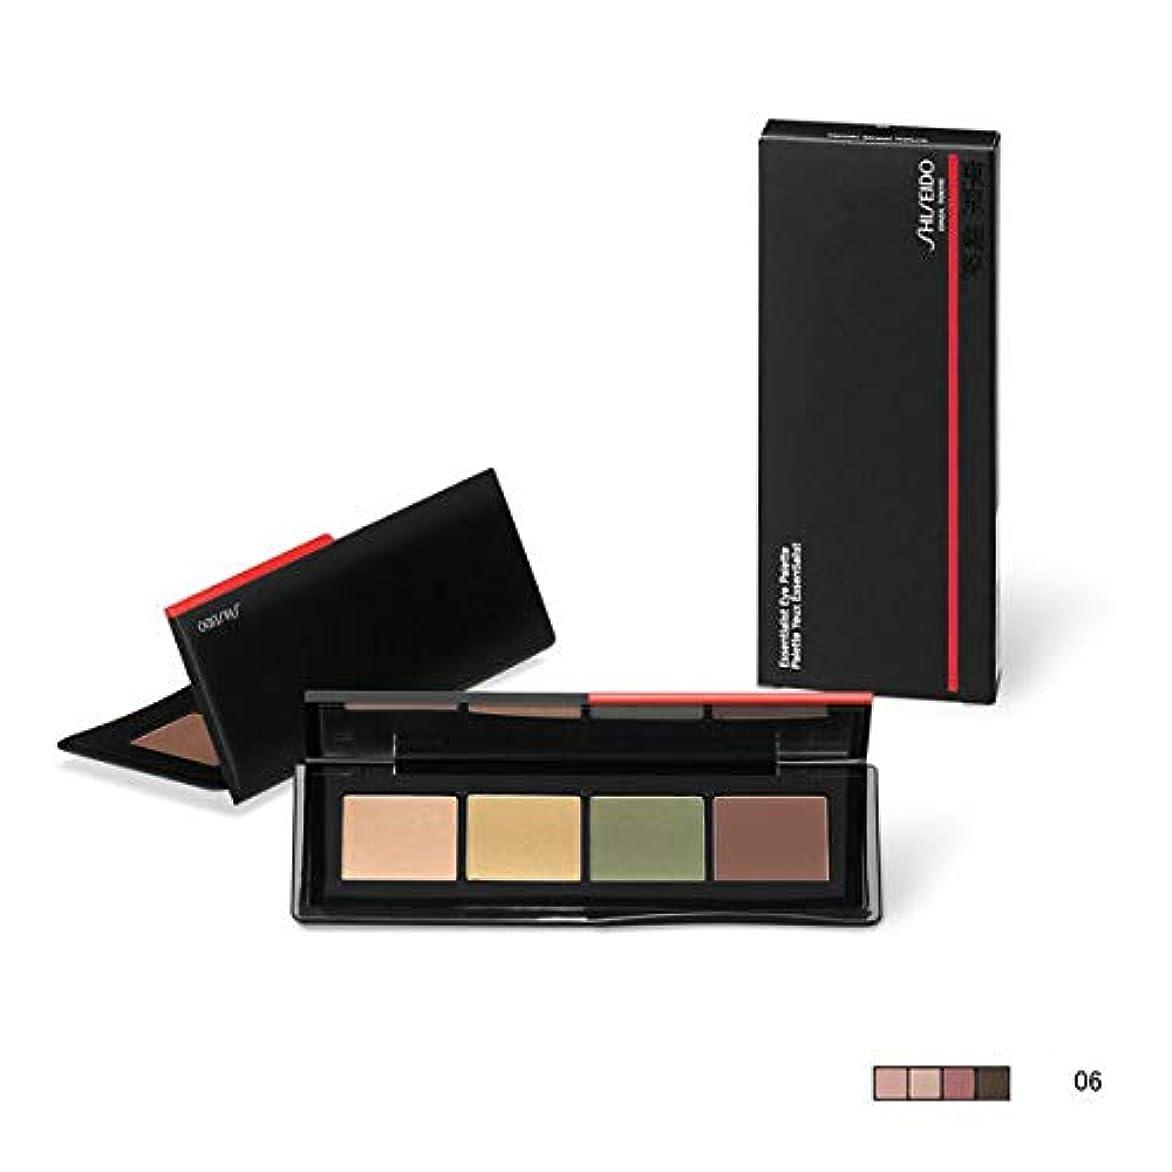 加害者ジェームズダイソンポゴスティックジャンプSHISEIDO Makeup(資生堂 メーキャップ) SHISEIDO(資生堂) SHISEIDO エッセンシャリスト アイパレット 5.2g (06)